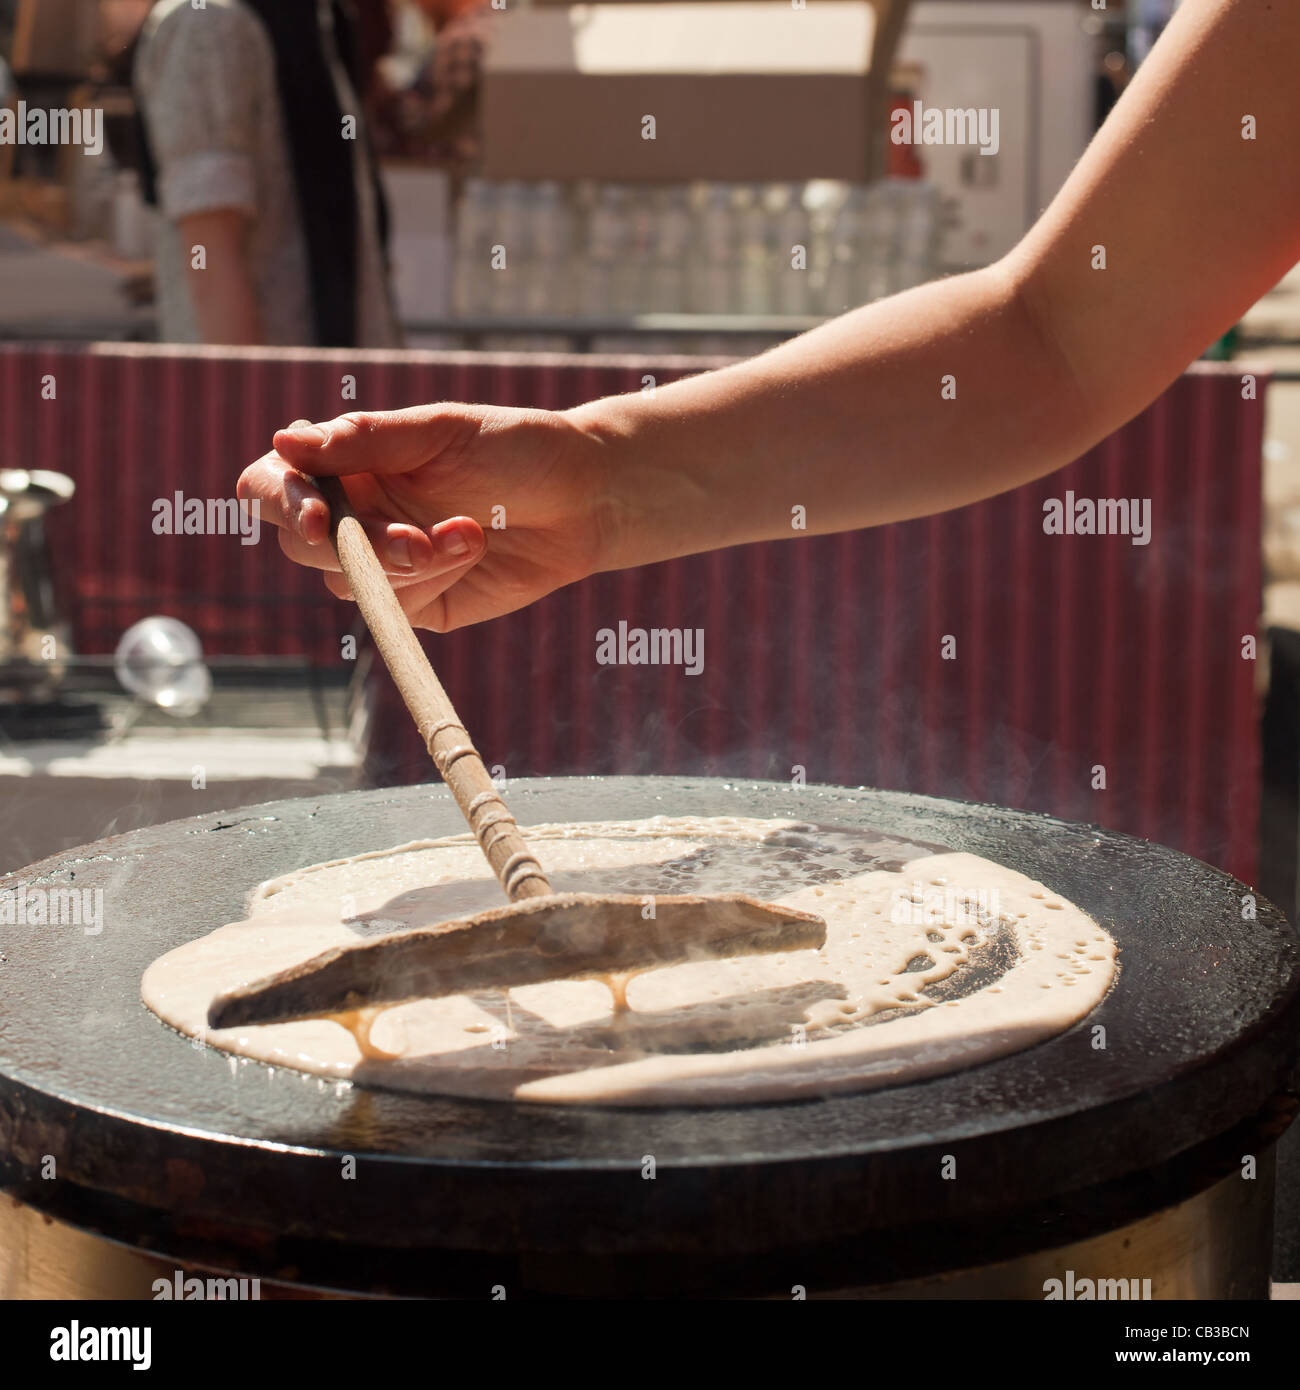 High Noon-Gemeinschaft-Festival ist ein Northcote lokale Musik Fest in Melbourne, Australien machen Essen Crepes Stockfoto